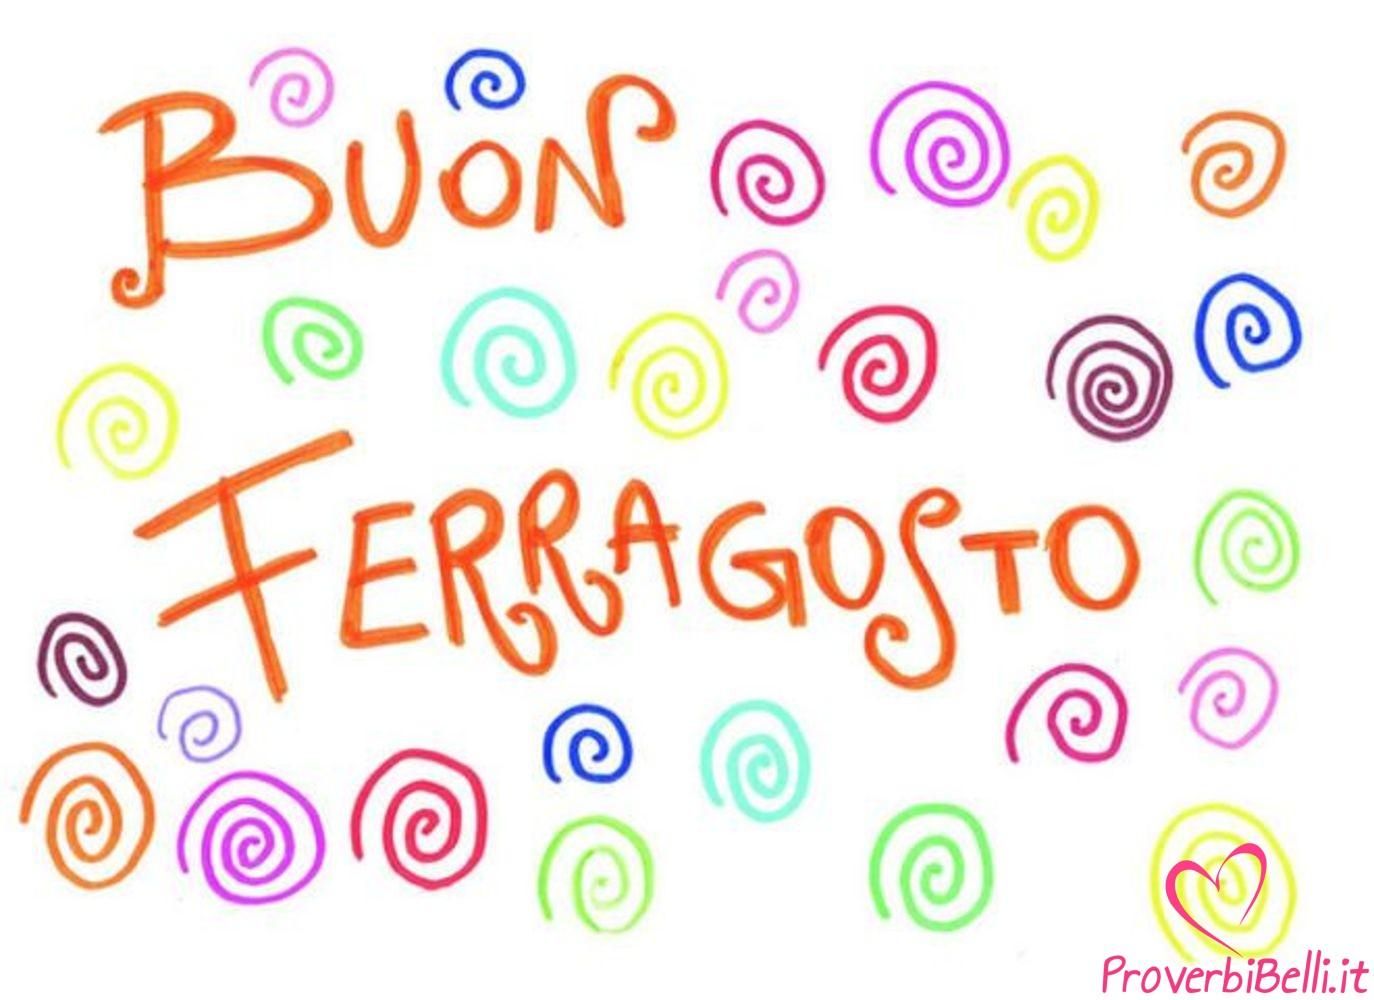 Ferragosto-Immagini-Whatsapp-Belle-67